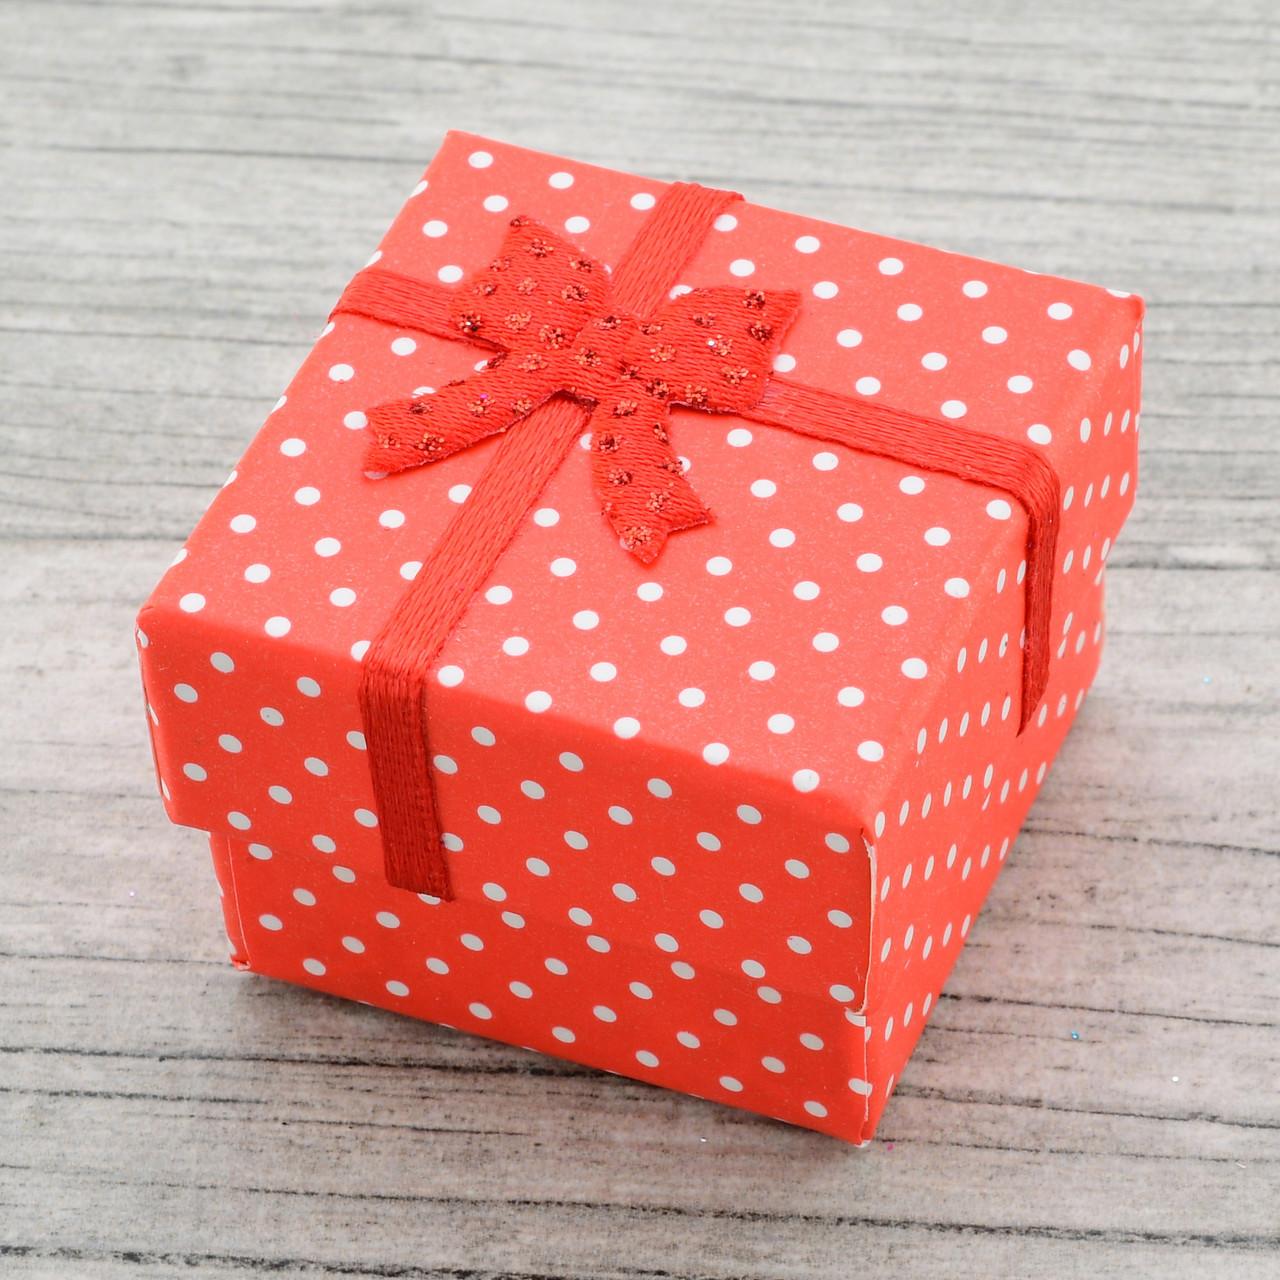 Коробочка маленькая для кольца серег красный цвет 741157 размер 4х4 см